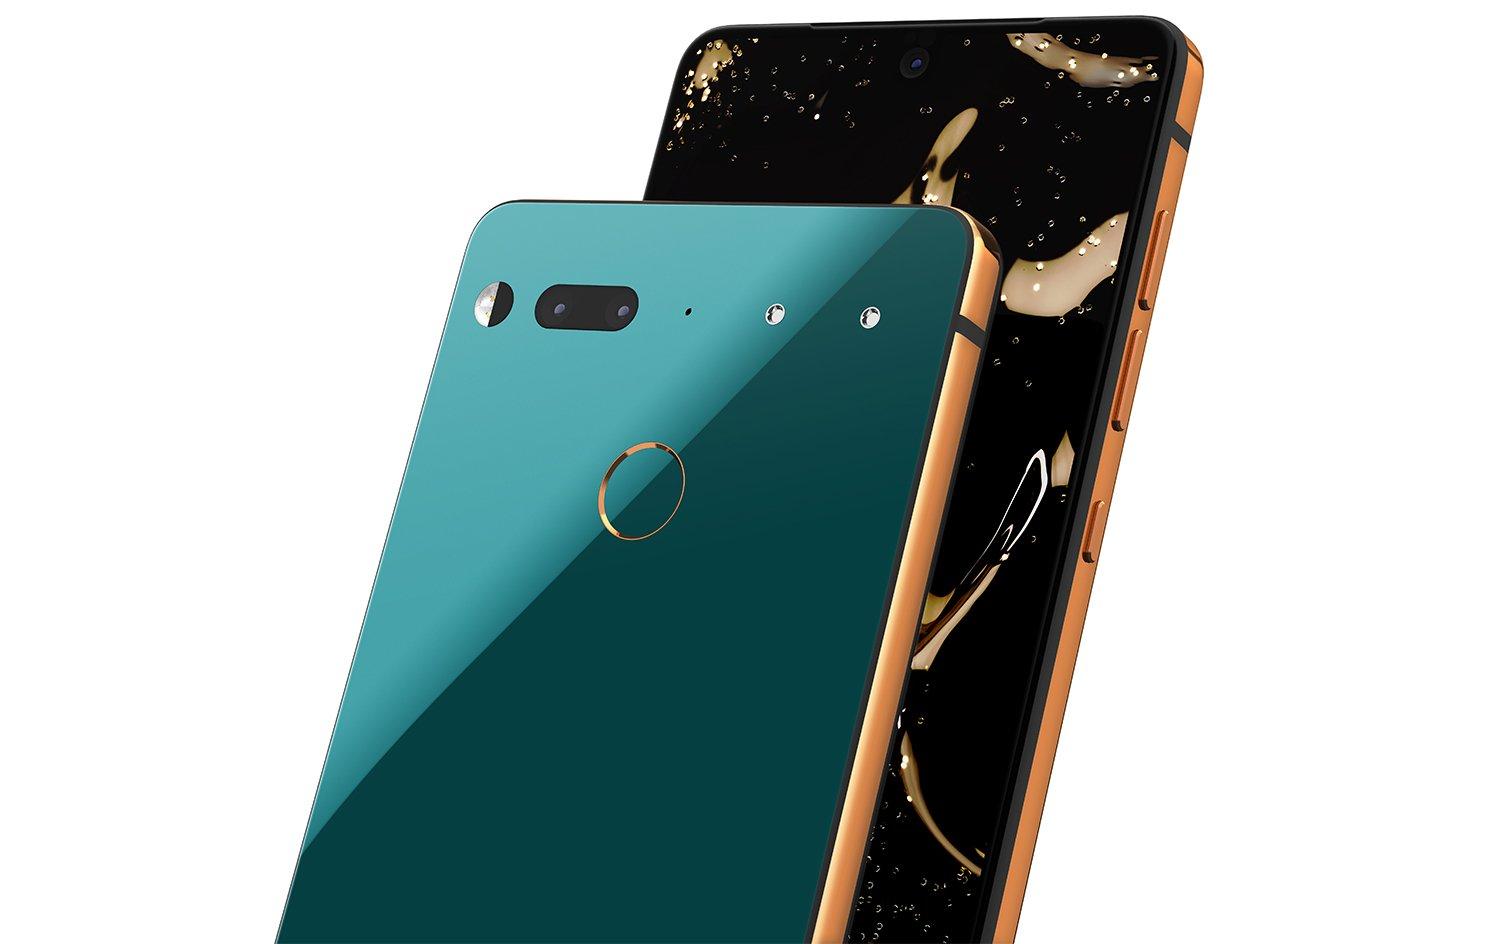 Νέες χρωματικές και ακριβότερες εκδόσεις για το Essential Phone 1